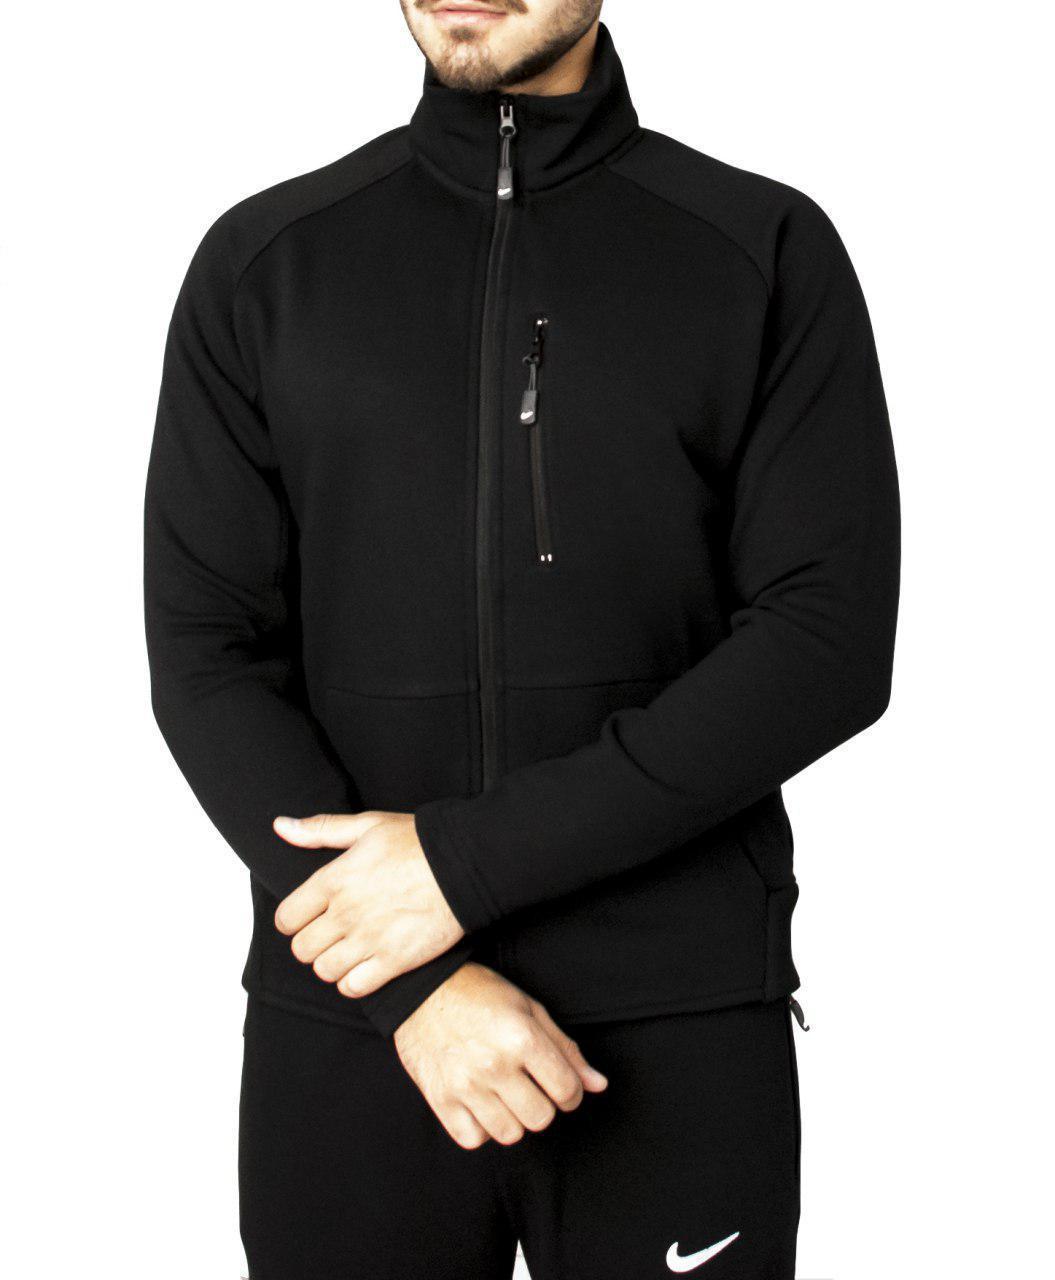 268019ebbb0d Мужской Спортивный костюм NIKE. Мужская одежда. Реплика - Интернет магазин  Гусеница - GUSENITSA.